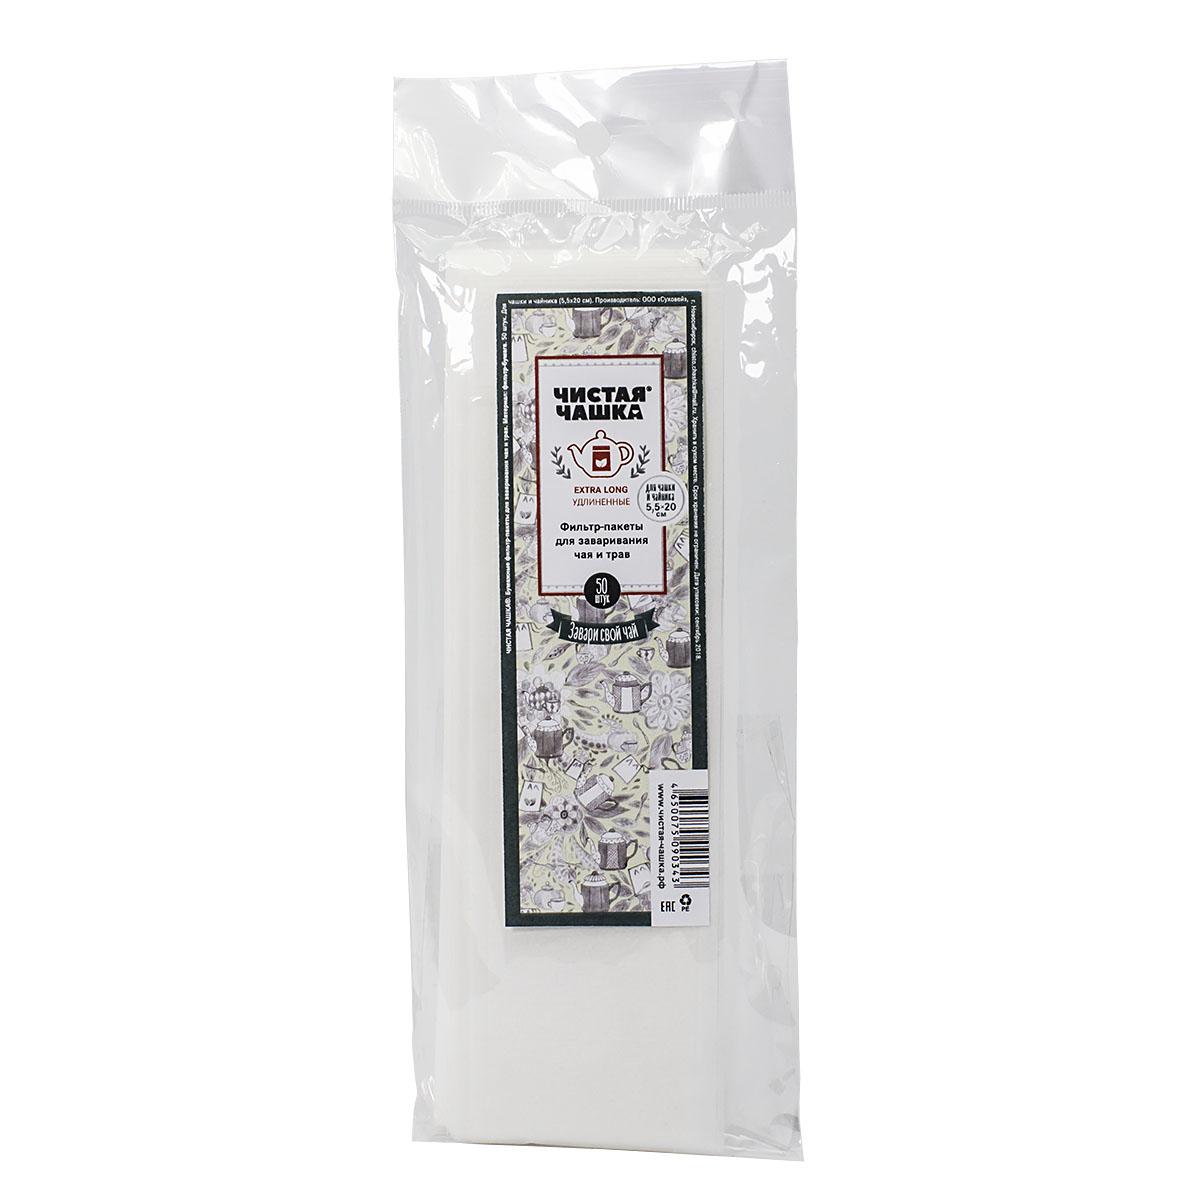 Пакеты для заваривания чая и трав Чистая чашка, 5,5 х 20 см, 50 шт пакеты для заваривания чая и трав бумажные чистая чашка 9х15 см 100 шт